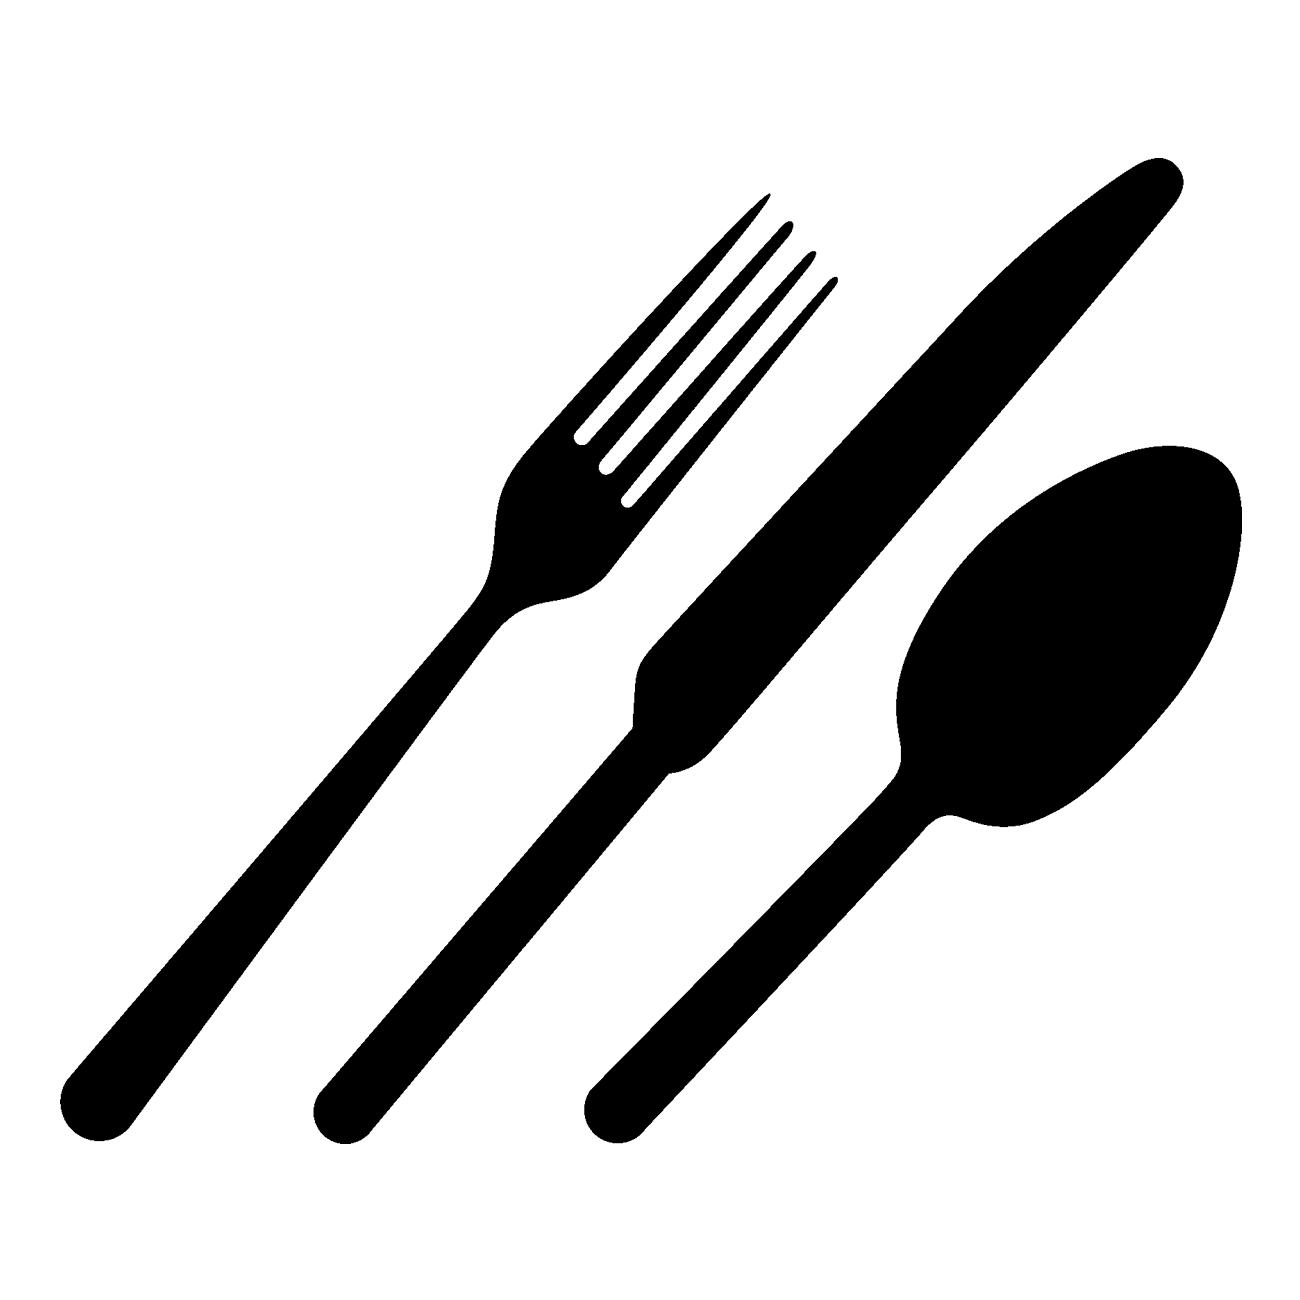 Vinilo tenedor cuchillo y cuchara cubiertos pinterest for Plato tenedor y cuchillo